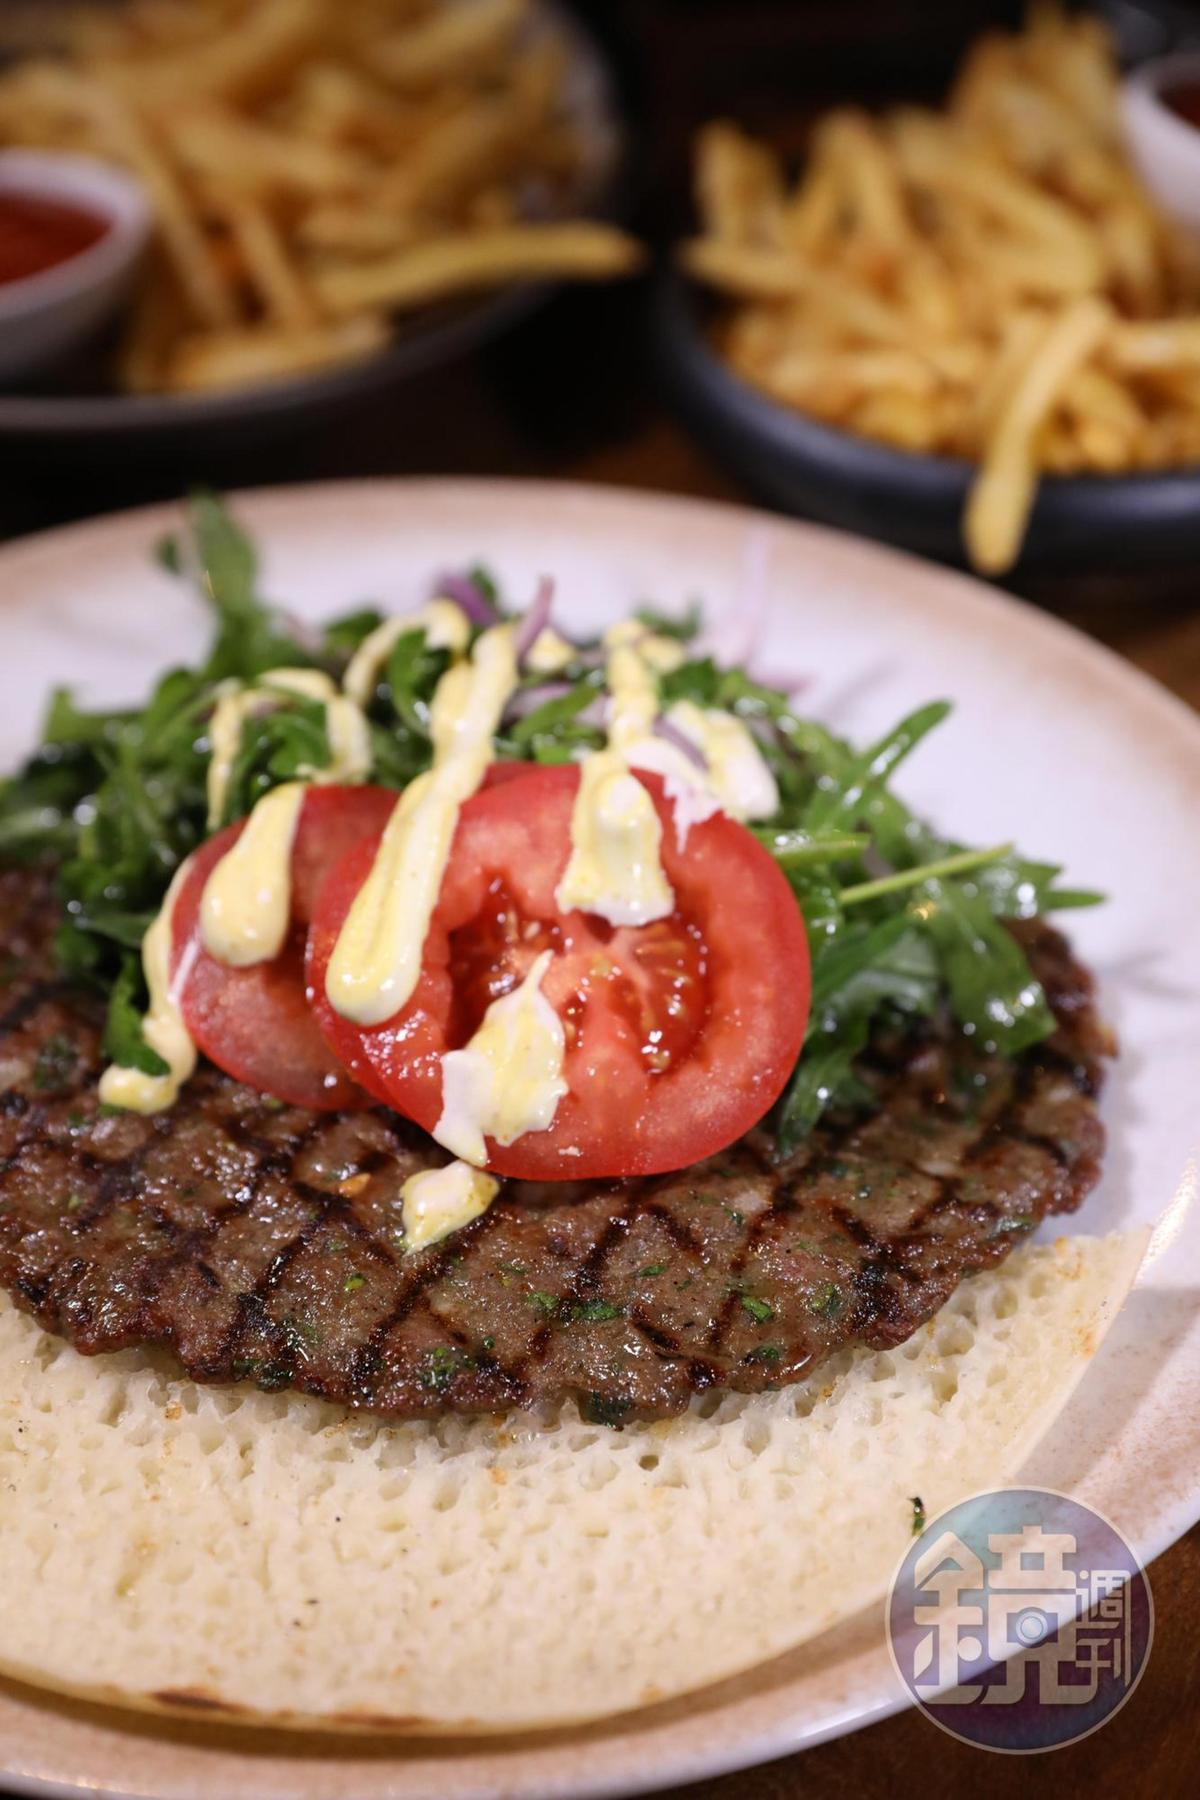 中東風味的「Flat kehab」,其實就是精緻版的烤羊肉。(76新謝克爾/份,約NT$648)